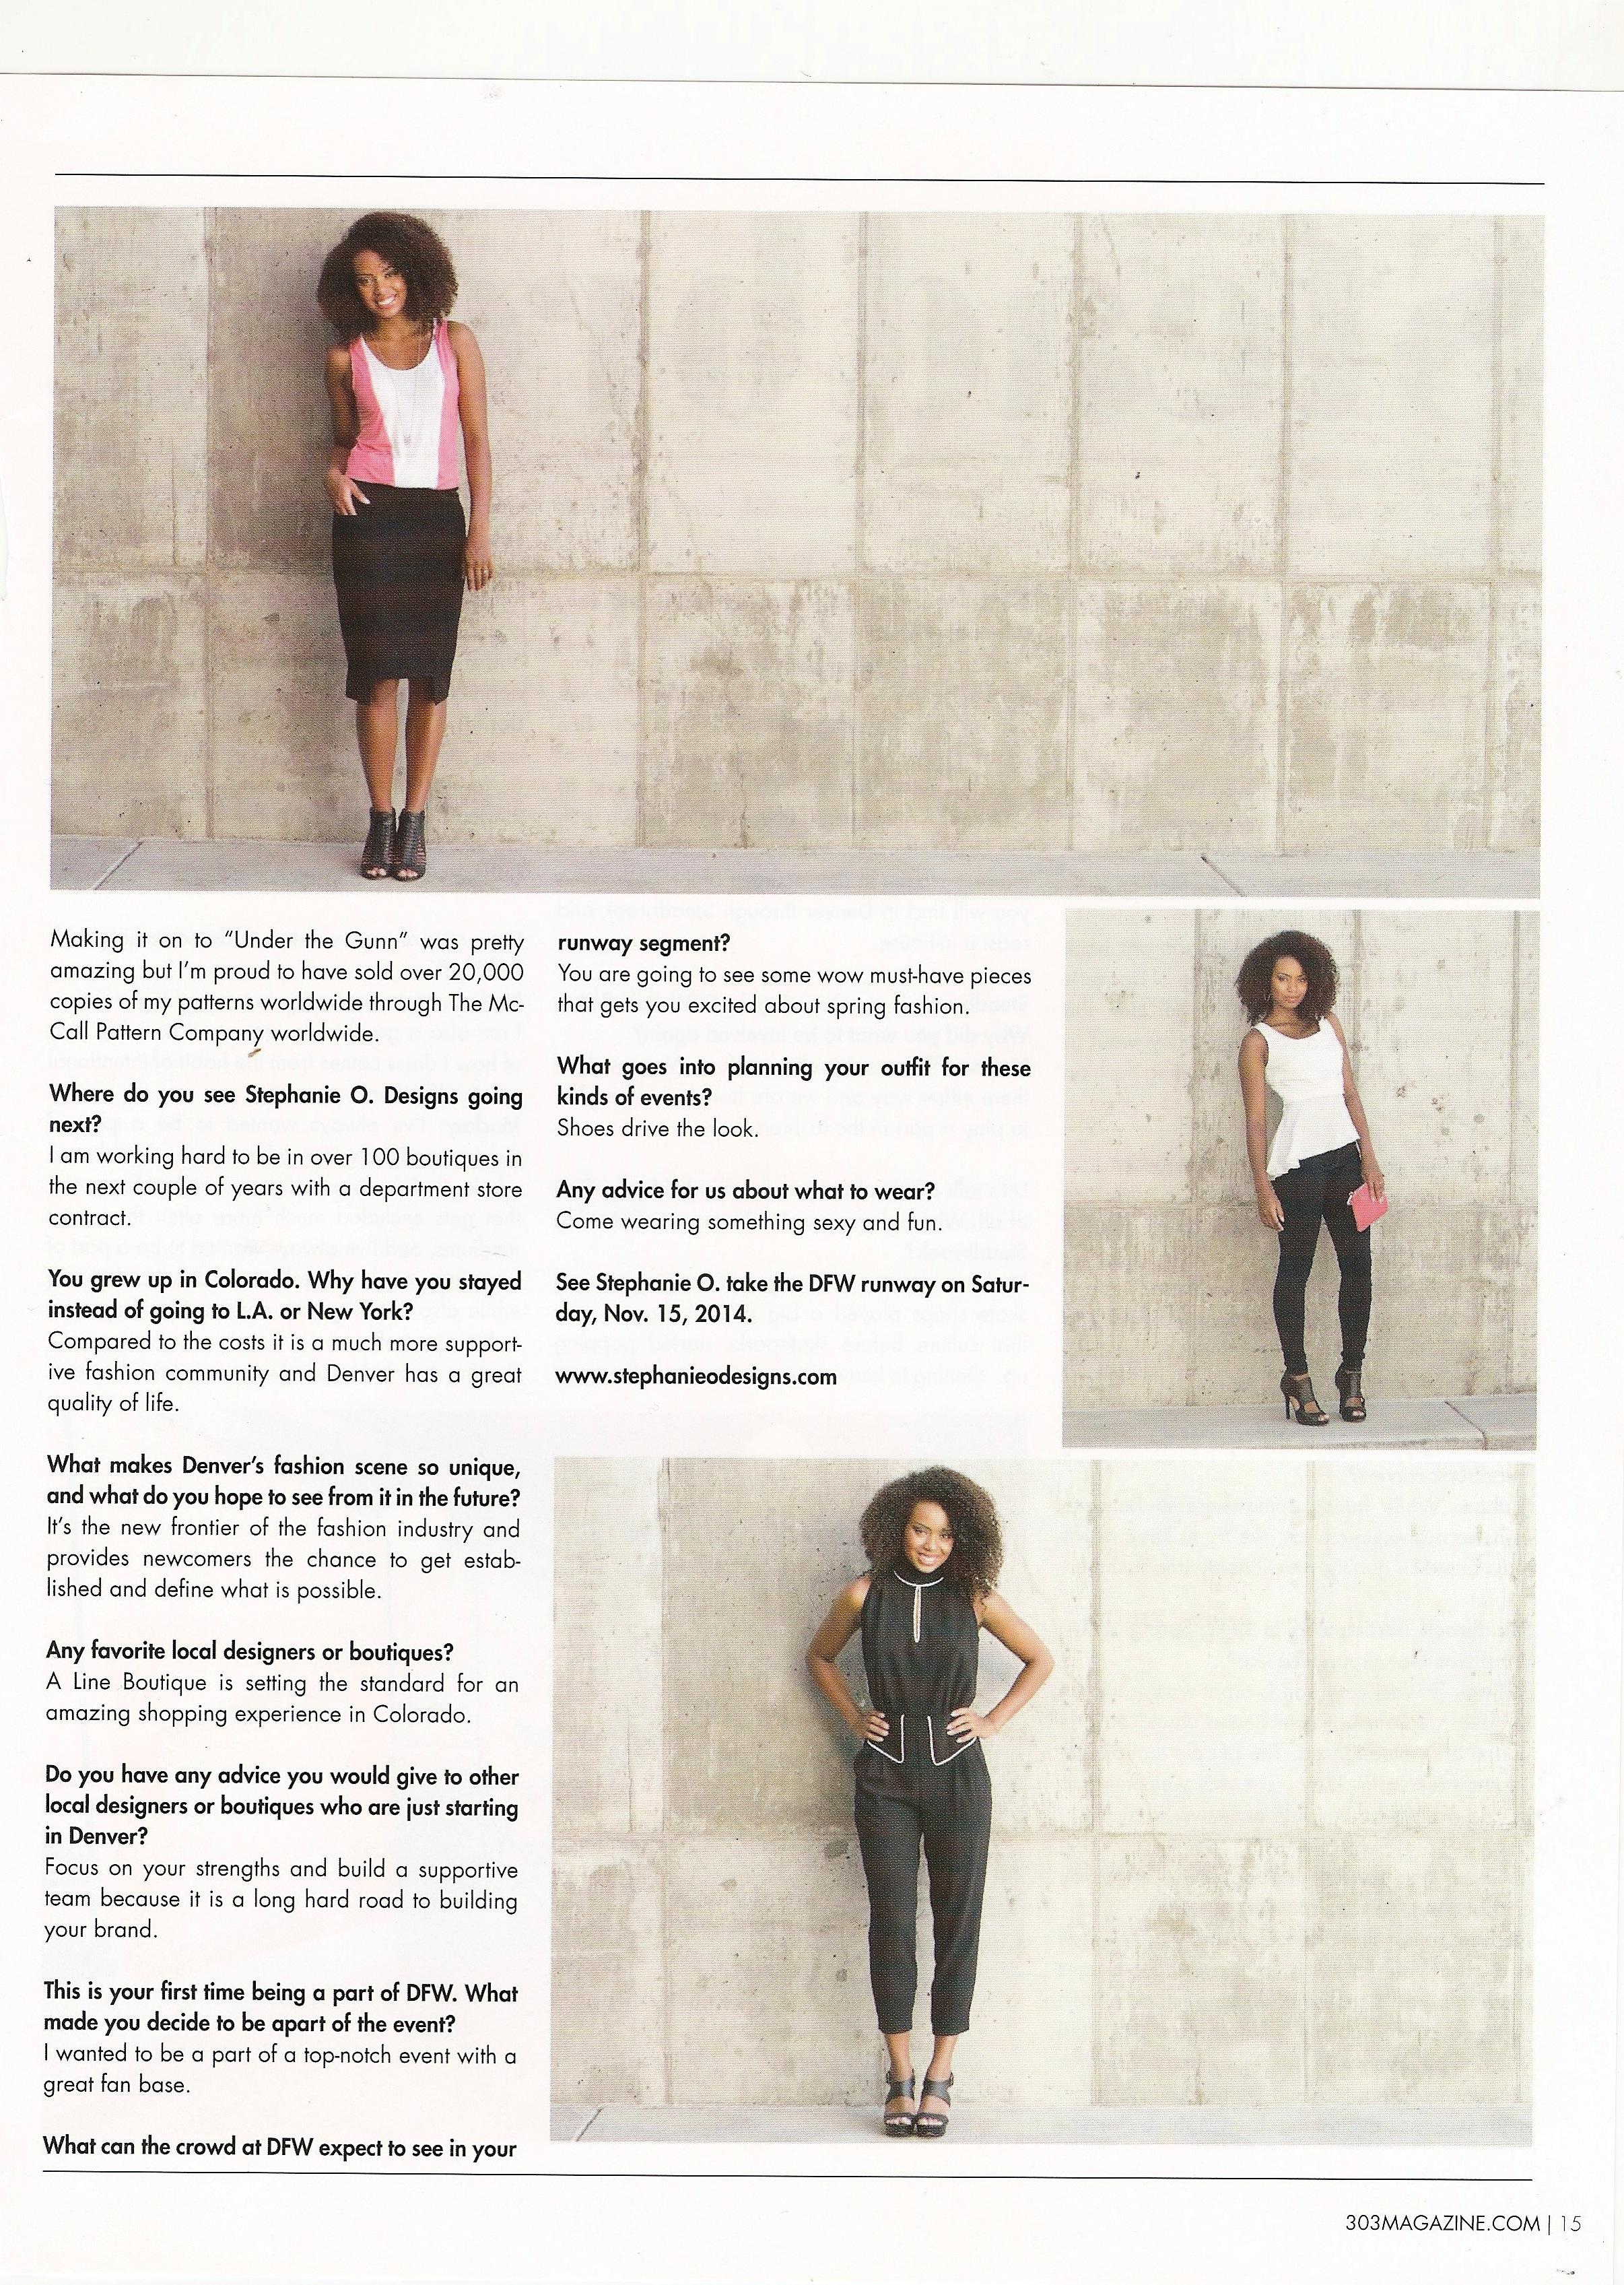 stephanie page 2.jpeg